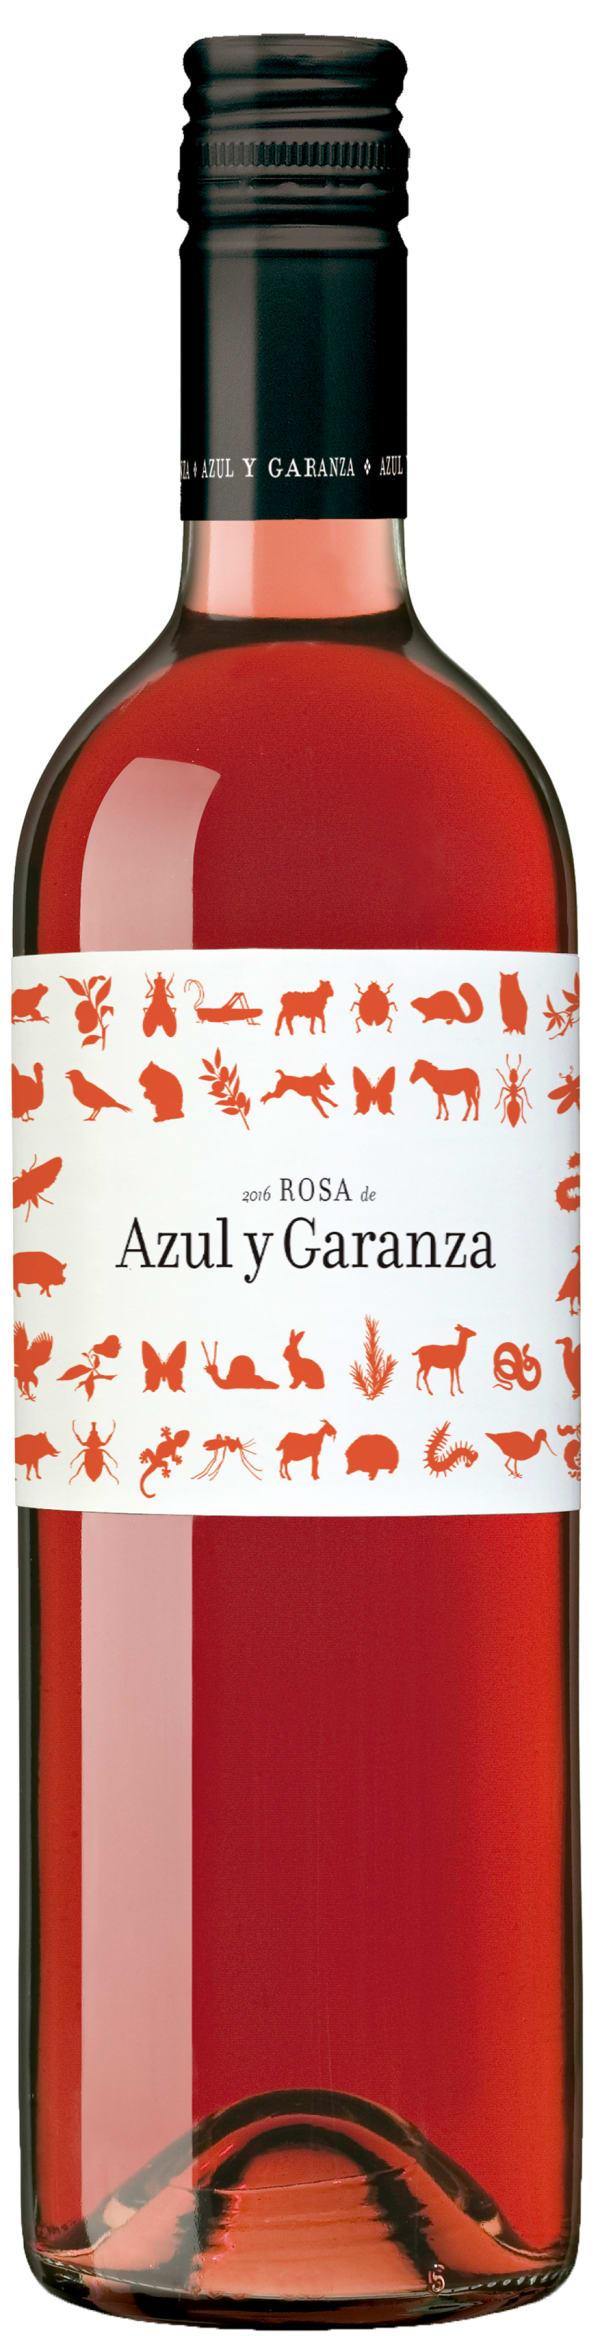 Rosa de Azul y Garanza 2017